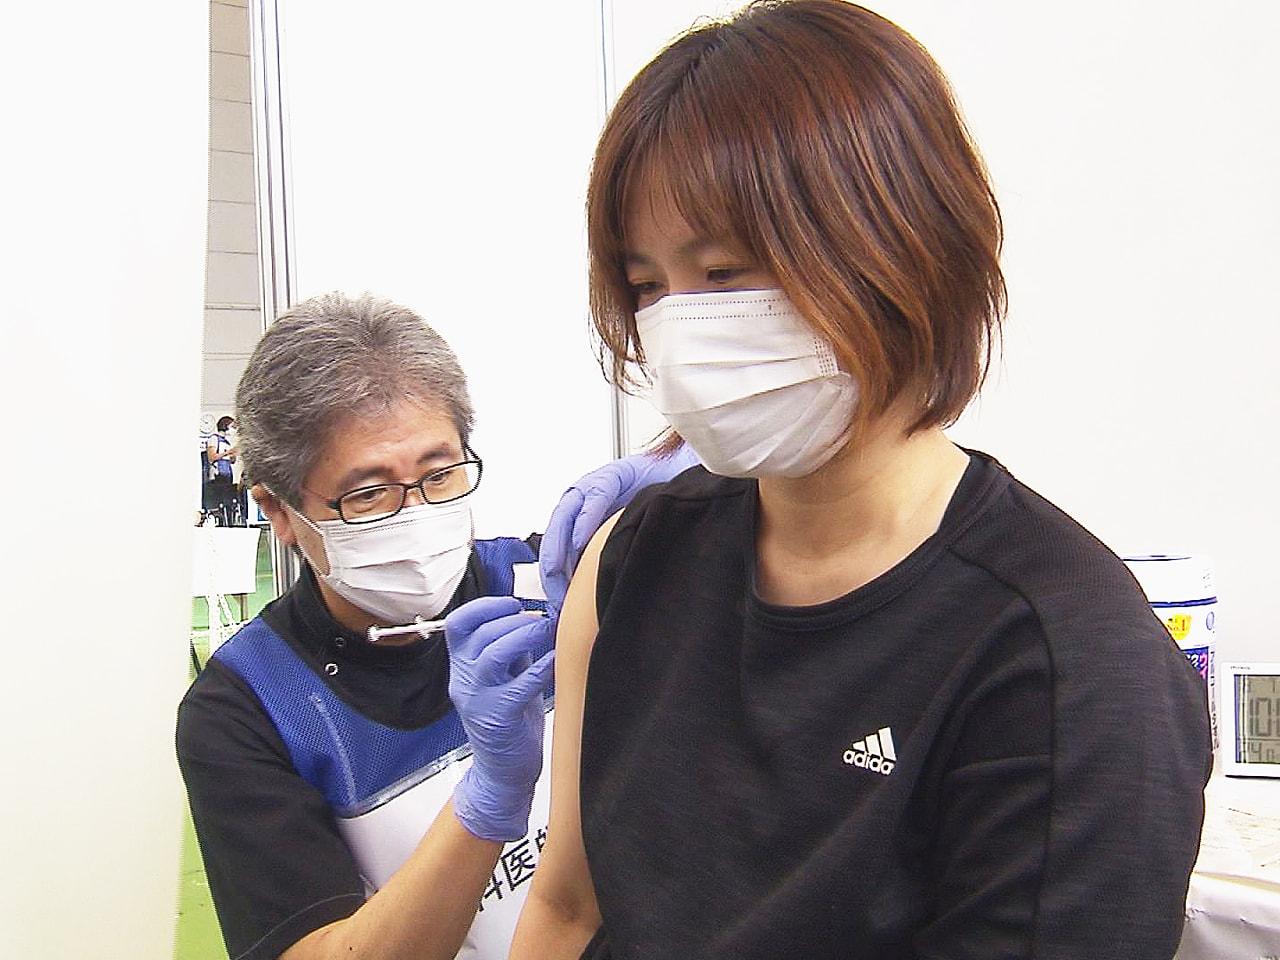 岐阜県の新型コロナワクチン大規模接種会場で、歯科医師による接種が新たに始まりまし...